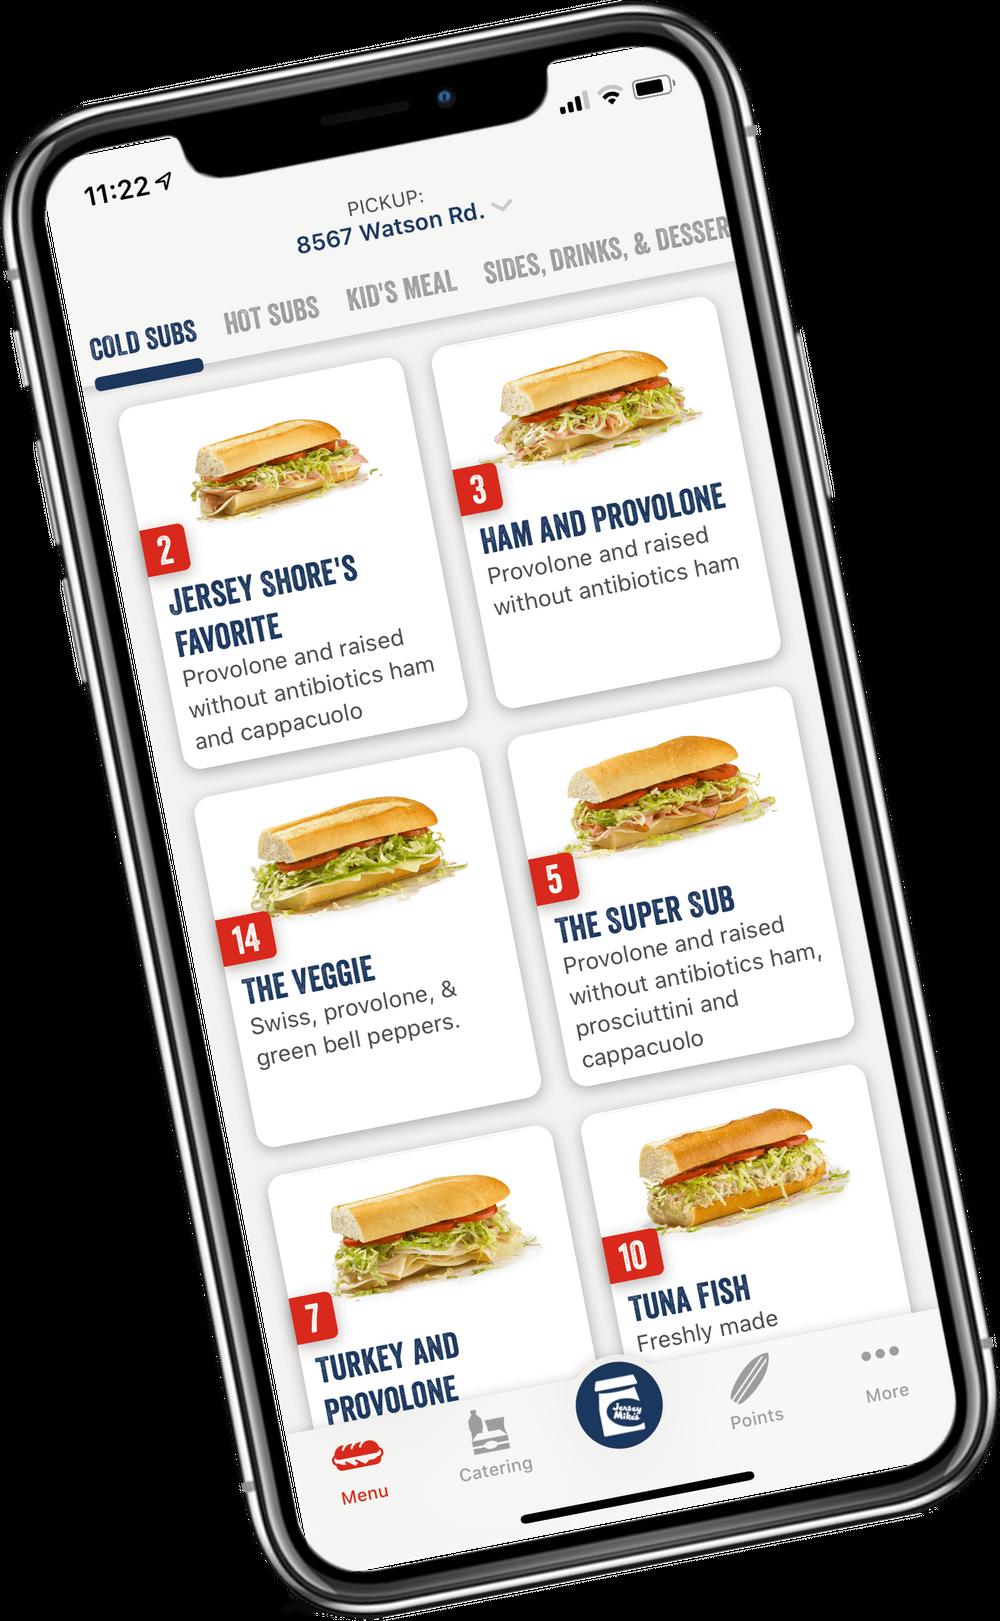 ordering sandwich on app